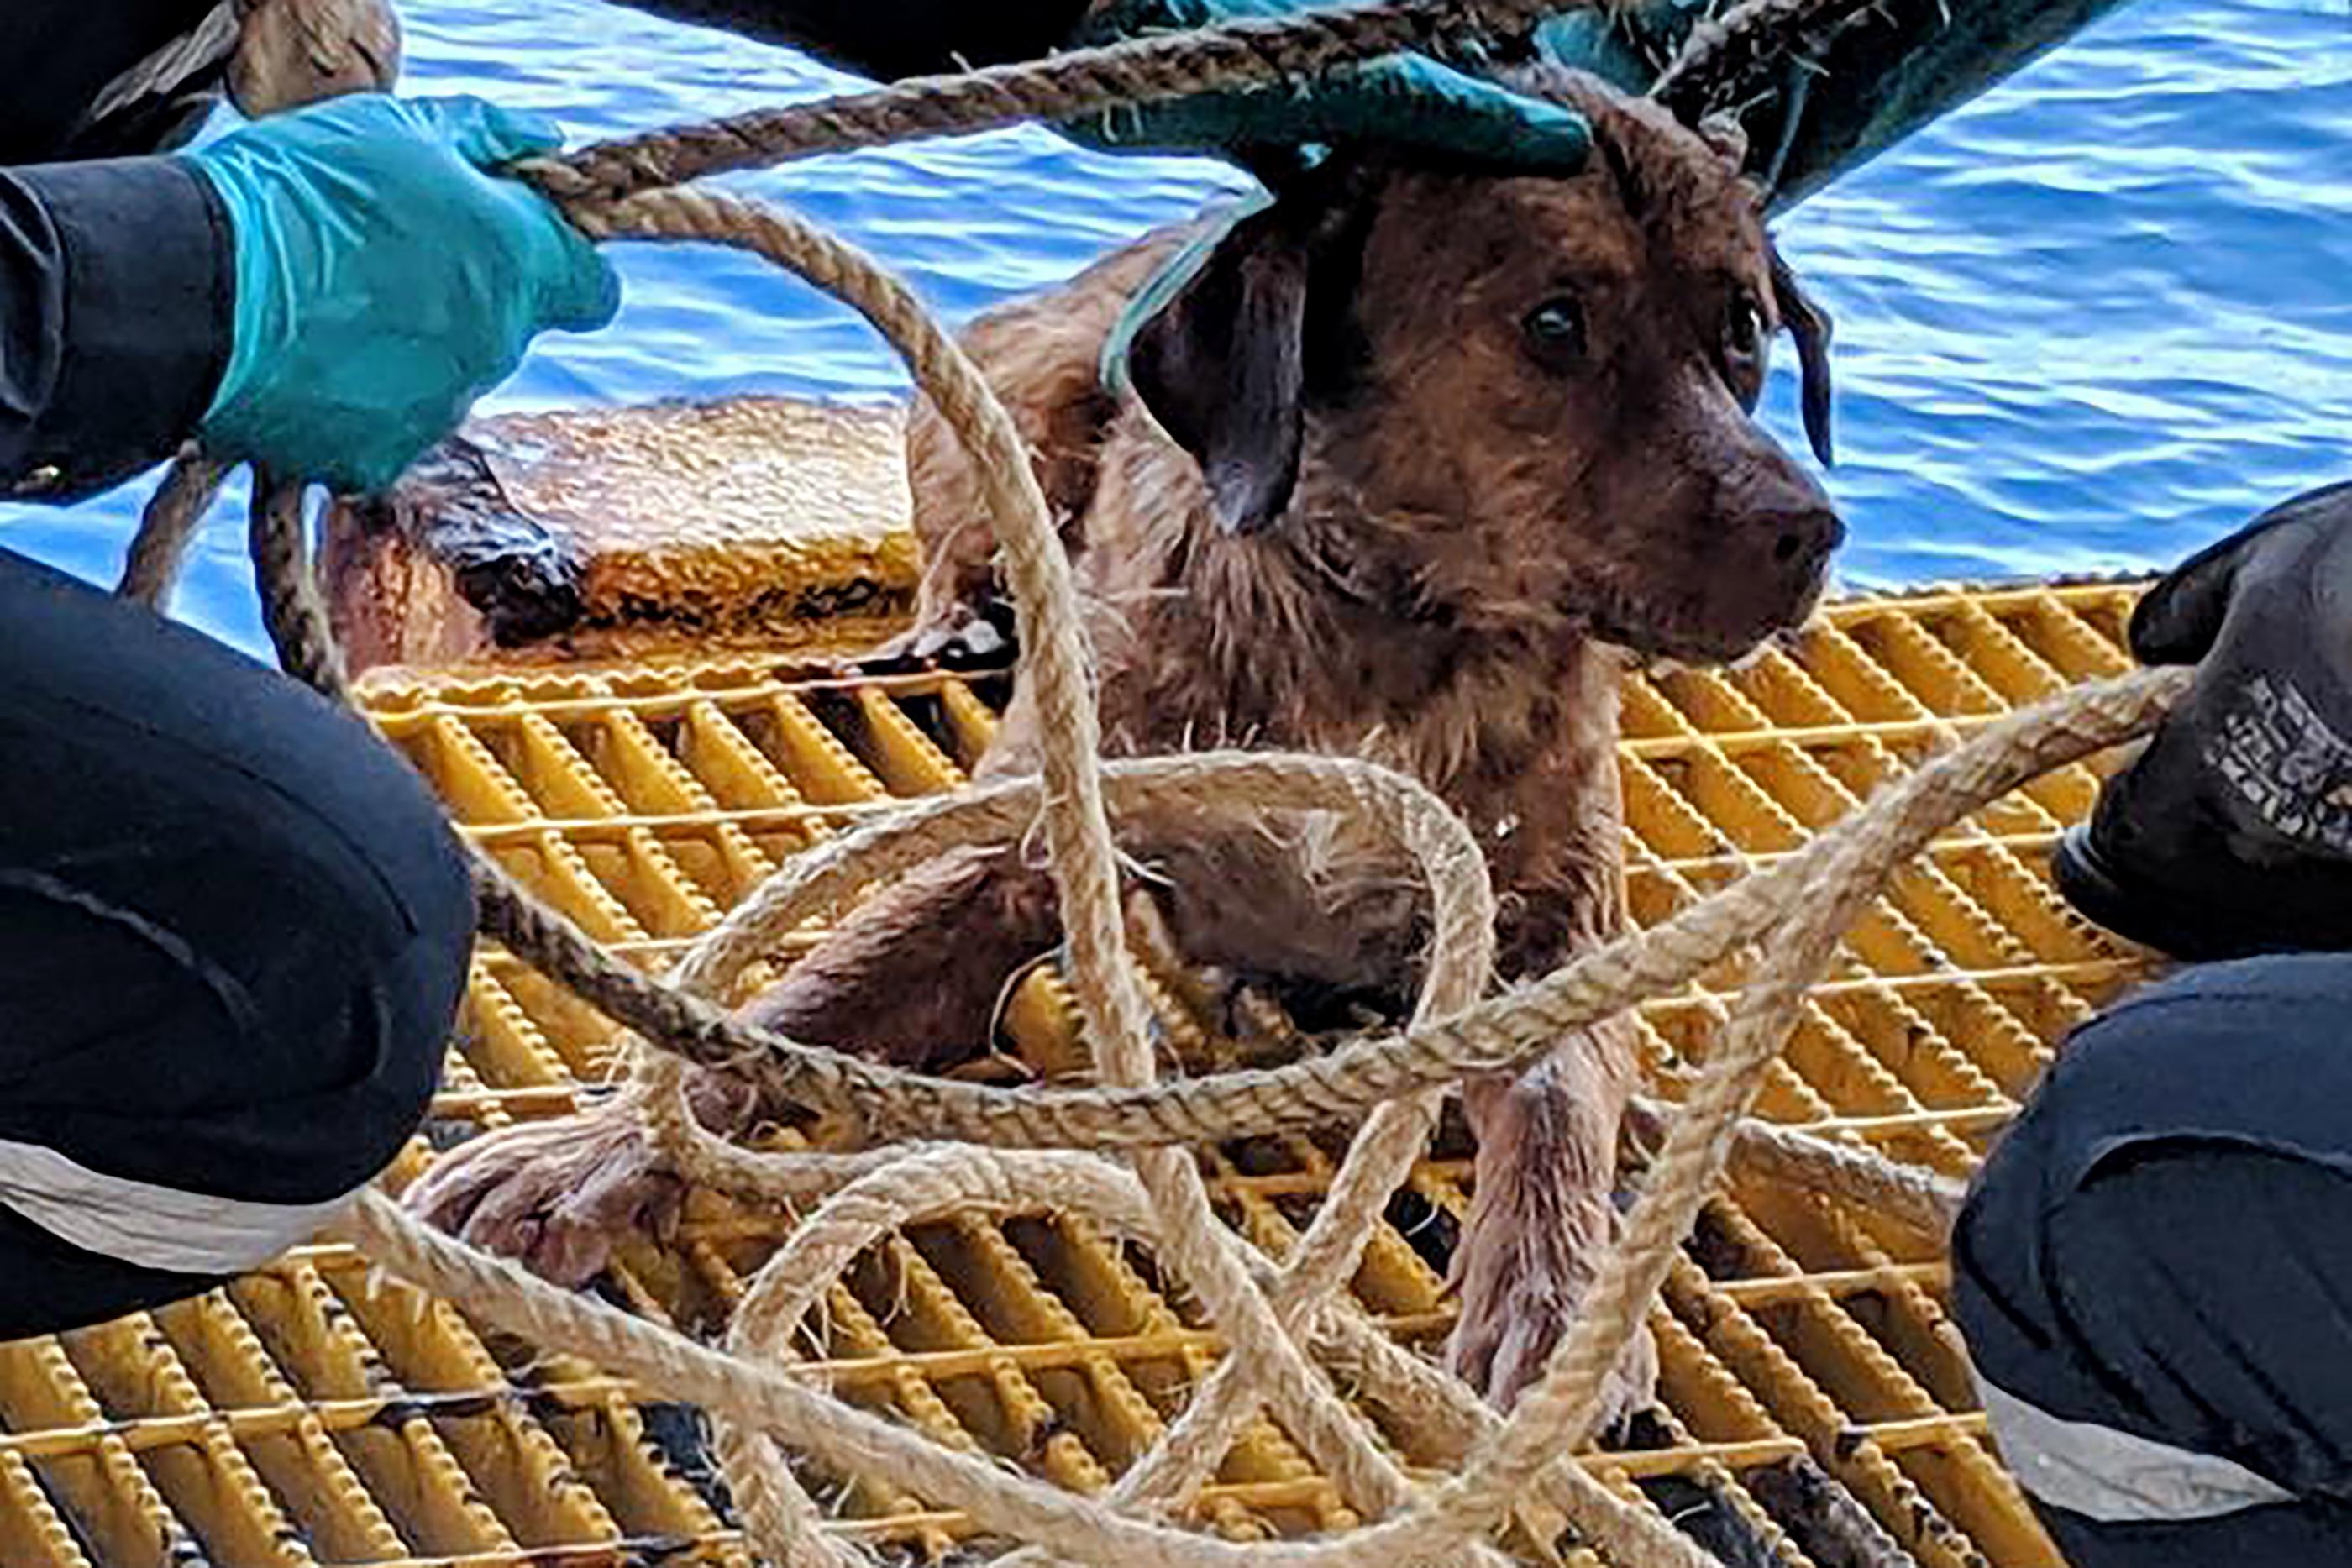 Olajfúrók találtak egy kutyát a tenger közepén, 220 kilométerre a parttól